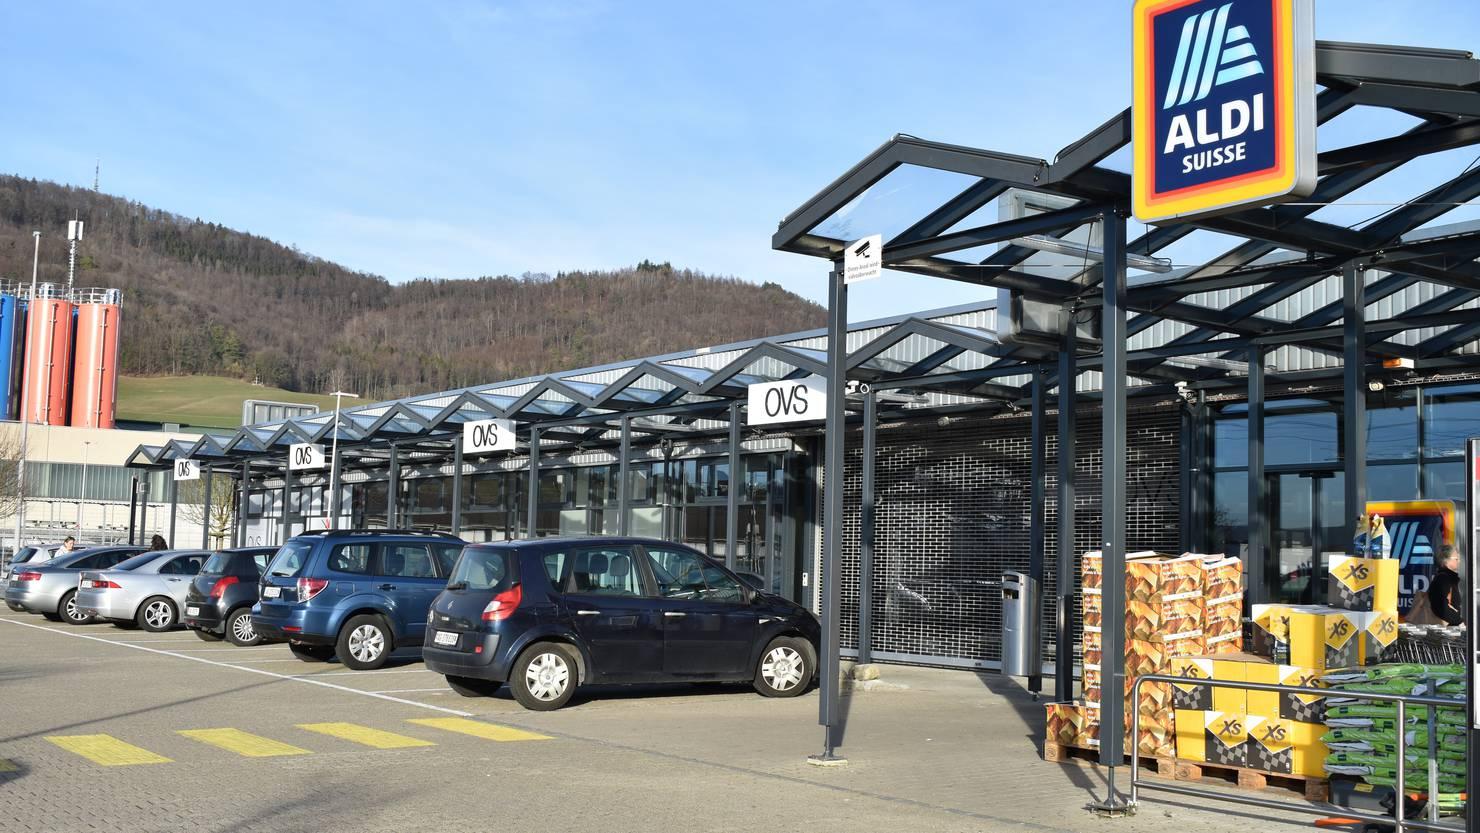 Aldi Suisse erhöht den Mindestlohn auf 4400 Franken - FM1Today